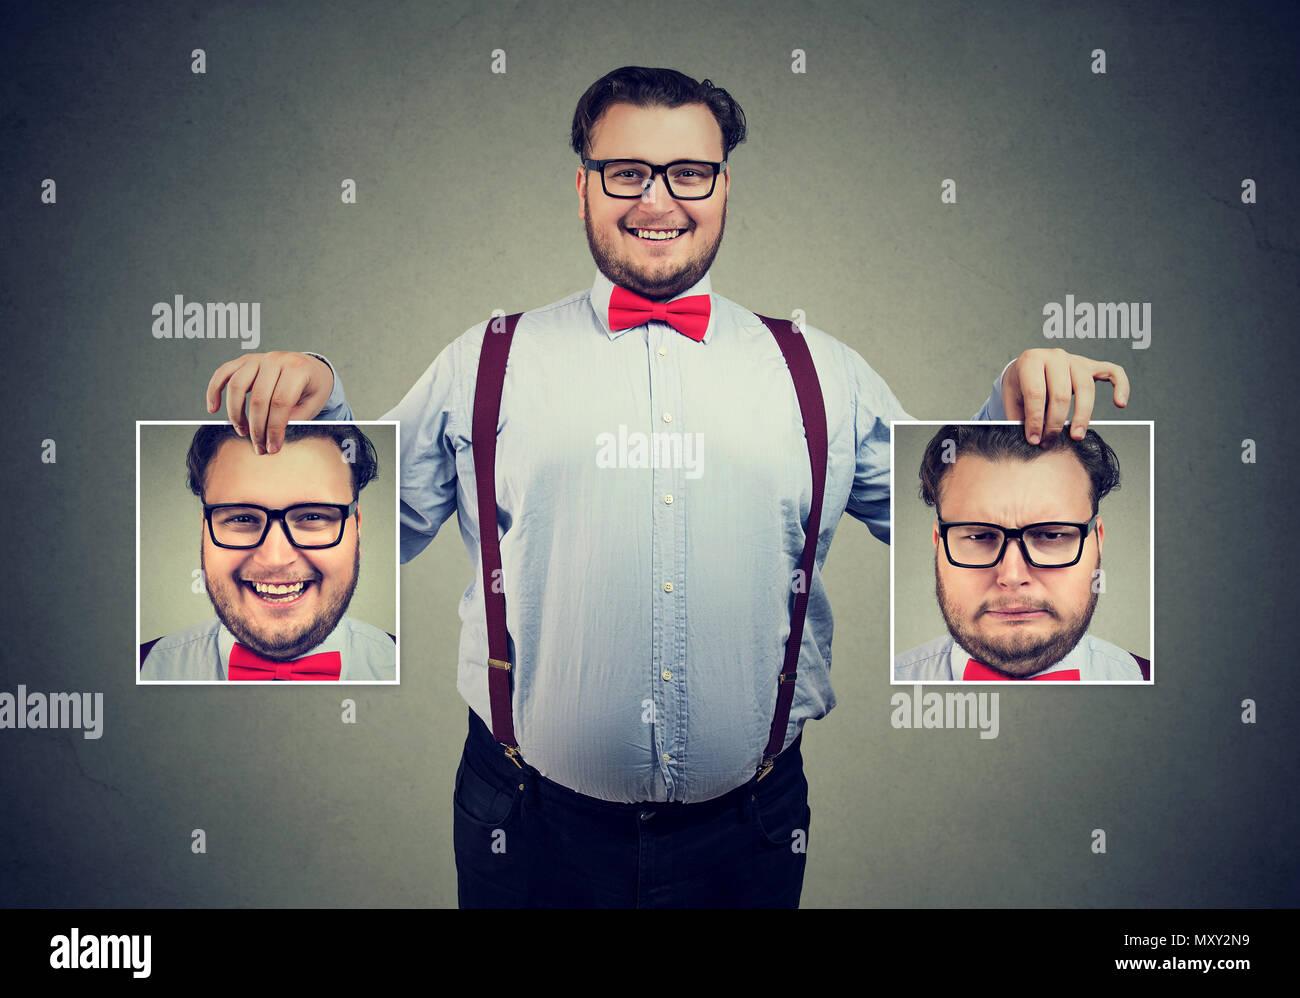 Junge fröhliche Mann in Gläser mit Bildern in der Hand, mit guten und schlechten Gefühle in Stimmungsschwankungen und lächelnd an Kamera Stockbild